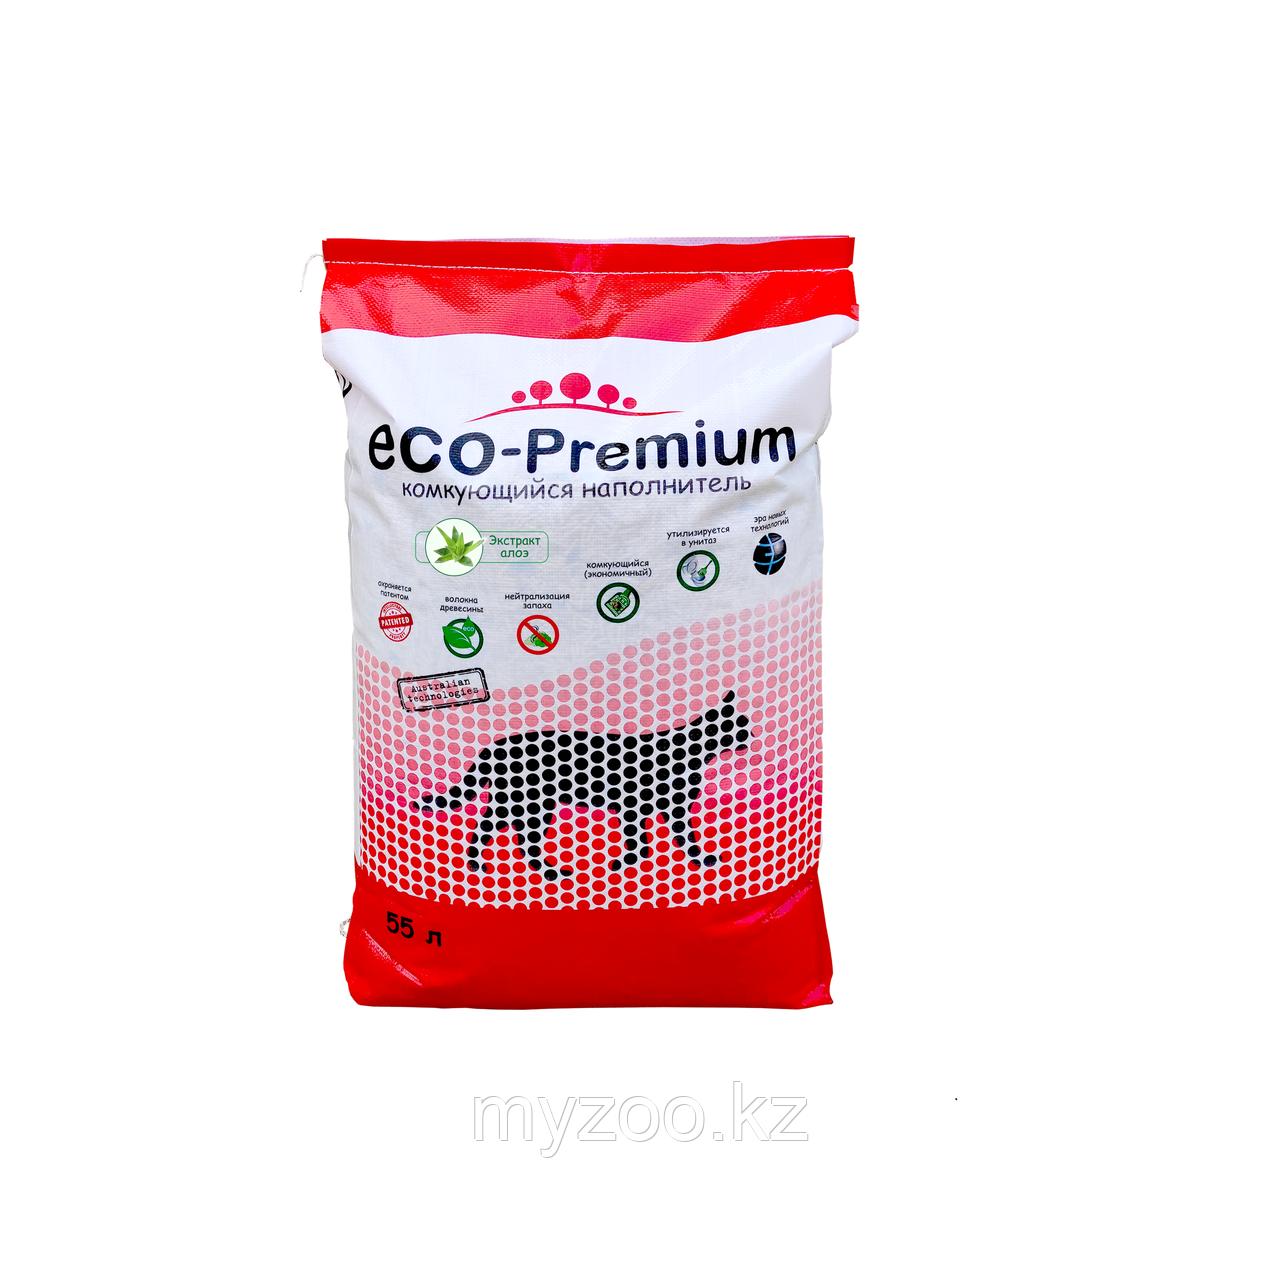 ECO-Premium Алоэ, 55 л - 20 кг |Эко-премиум комкующийся древесный наполнитель|